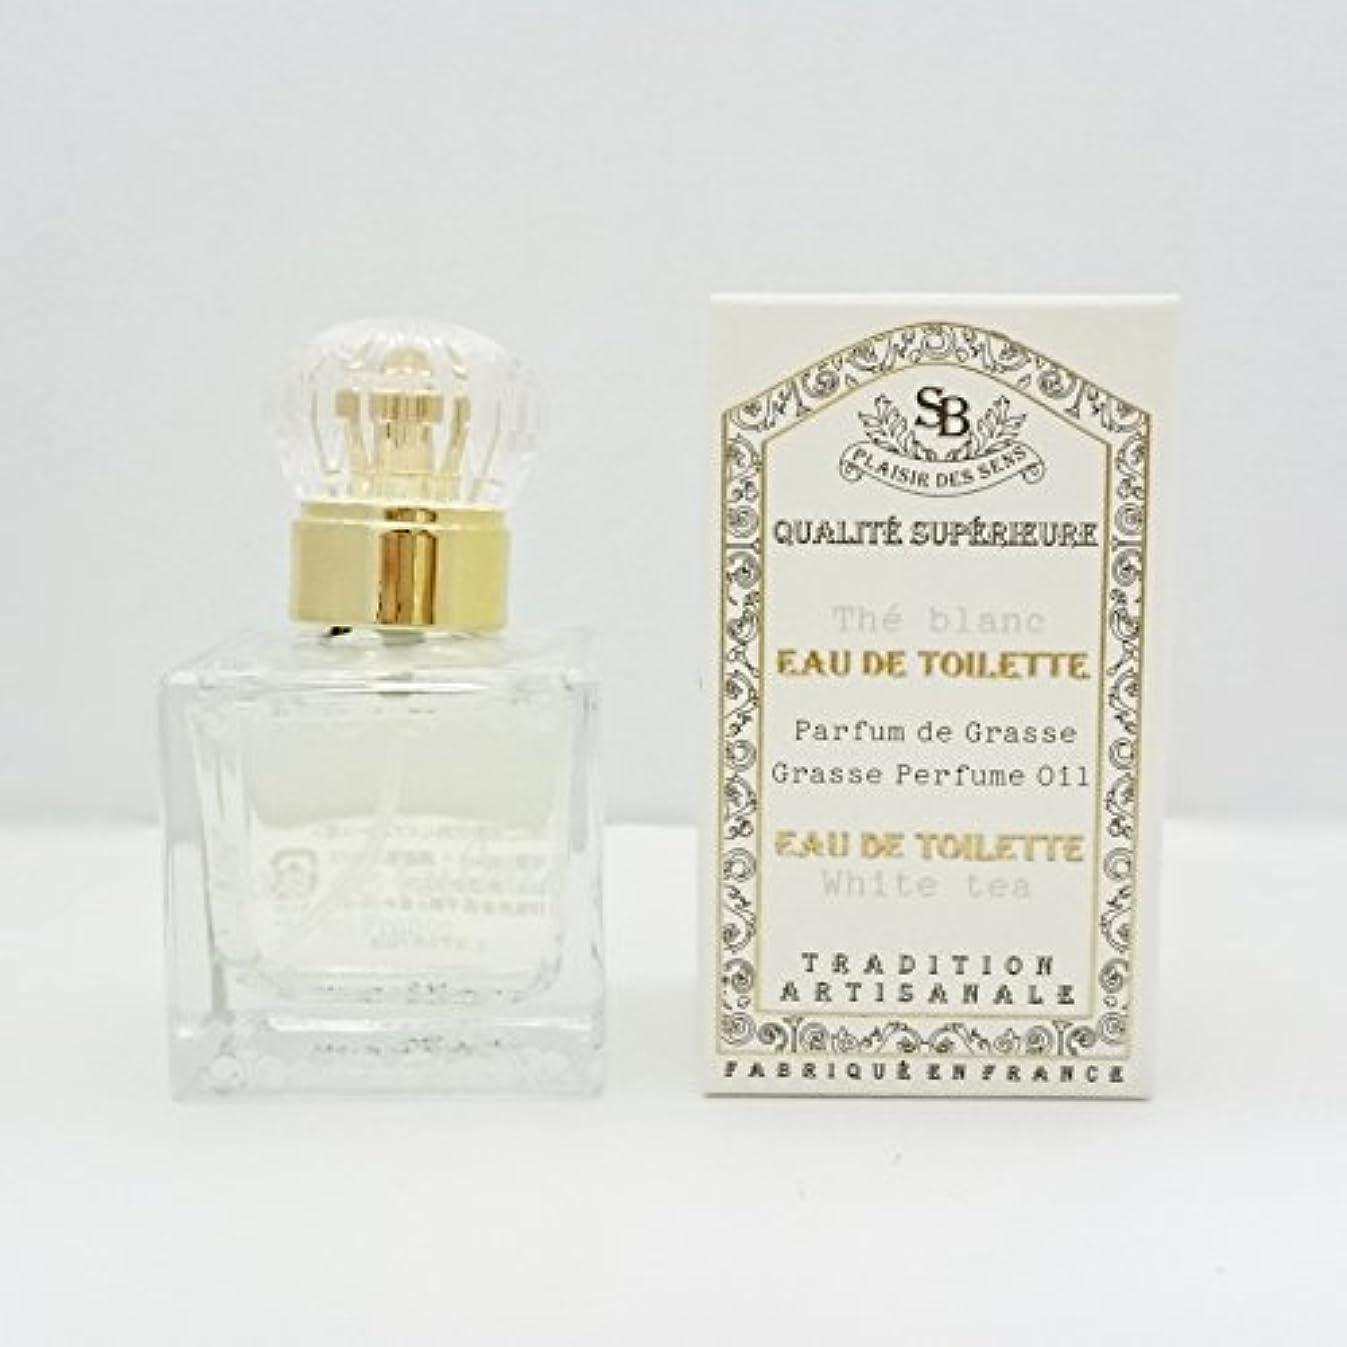 ライナースペア専門用語Senteur et Beaute(サンタールエボーテ) フレンチクラシックシリーズ オードトワレ 30ml 「ホワイトティー」 4994228021908